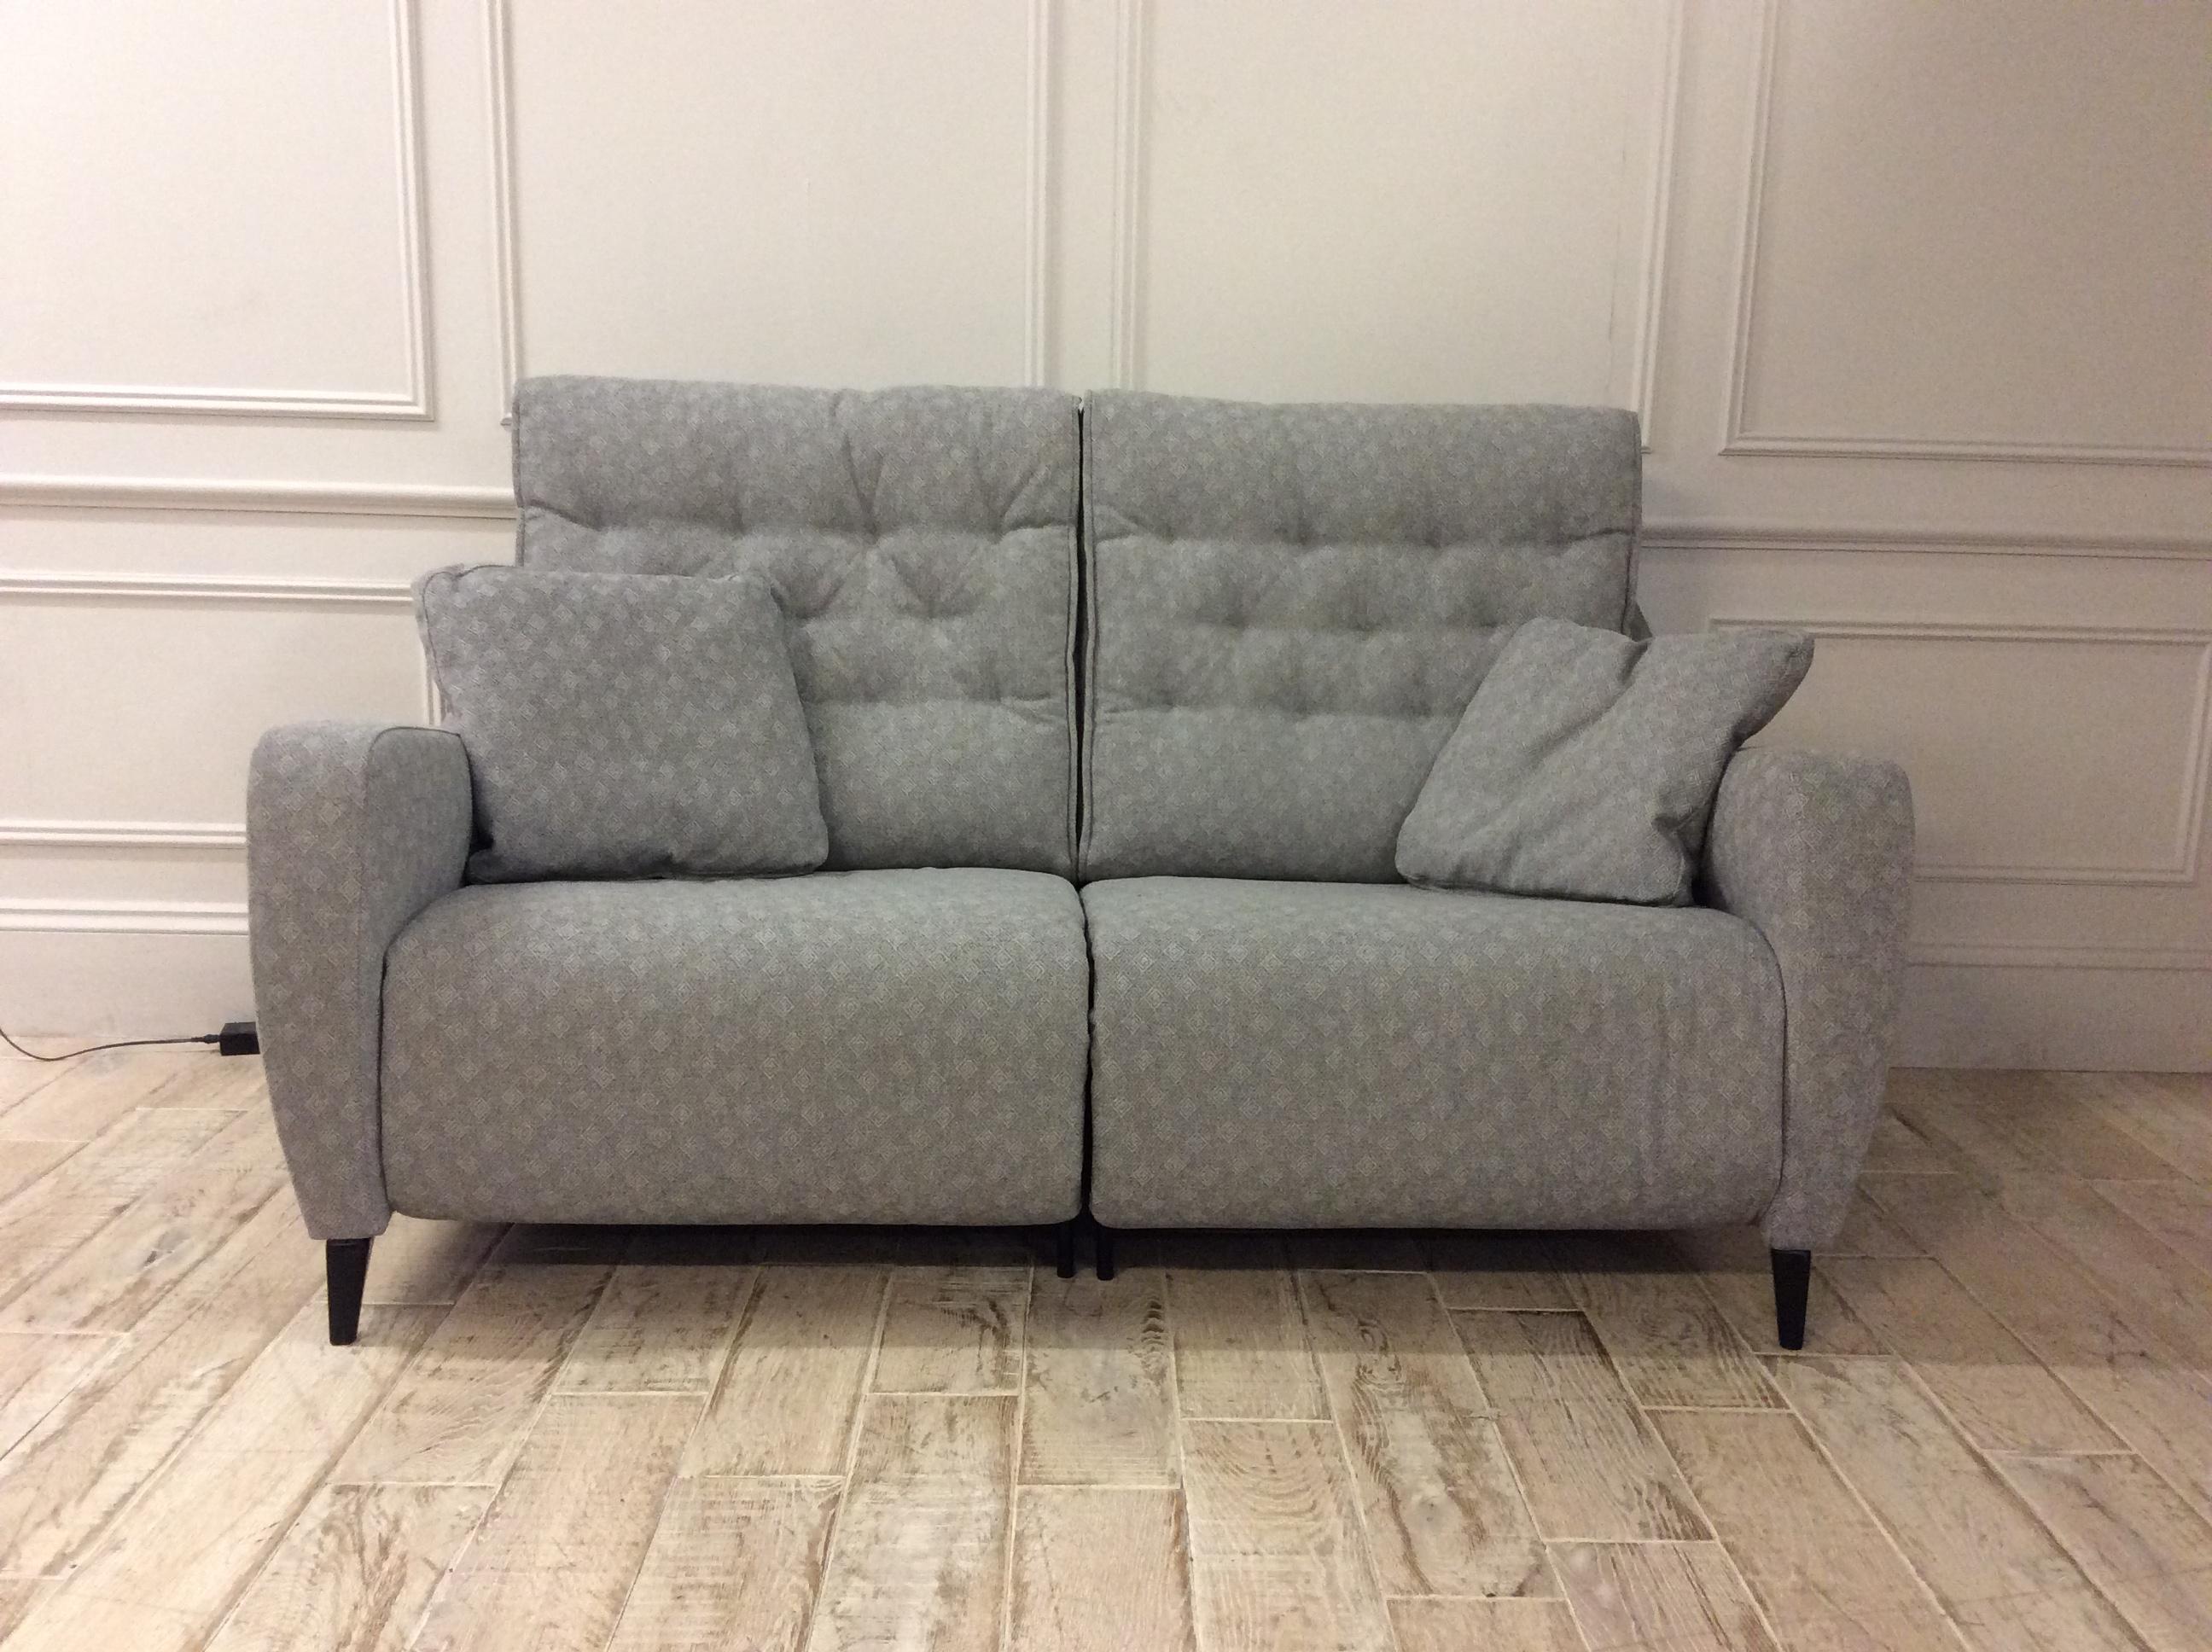 Hugo Medium Reclining Sofa